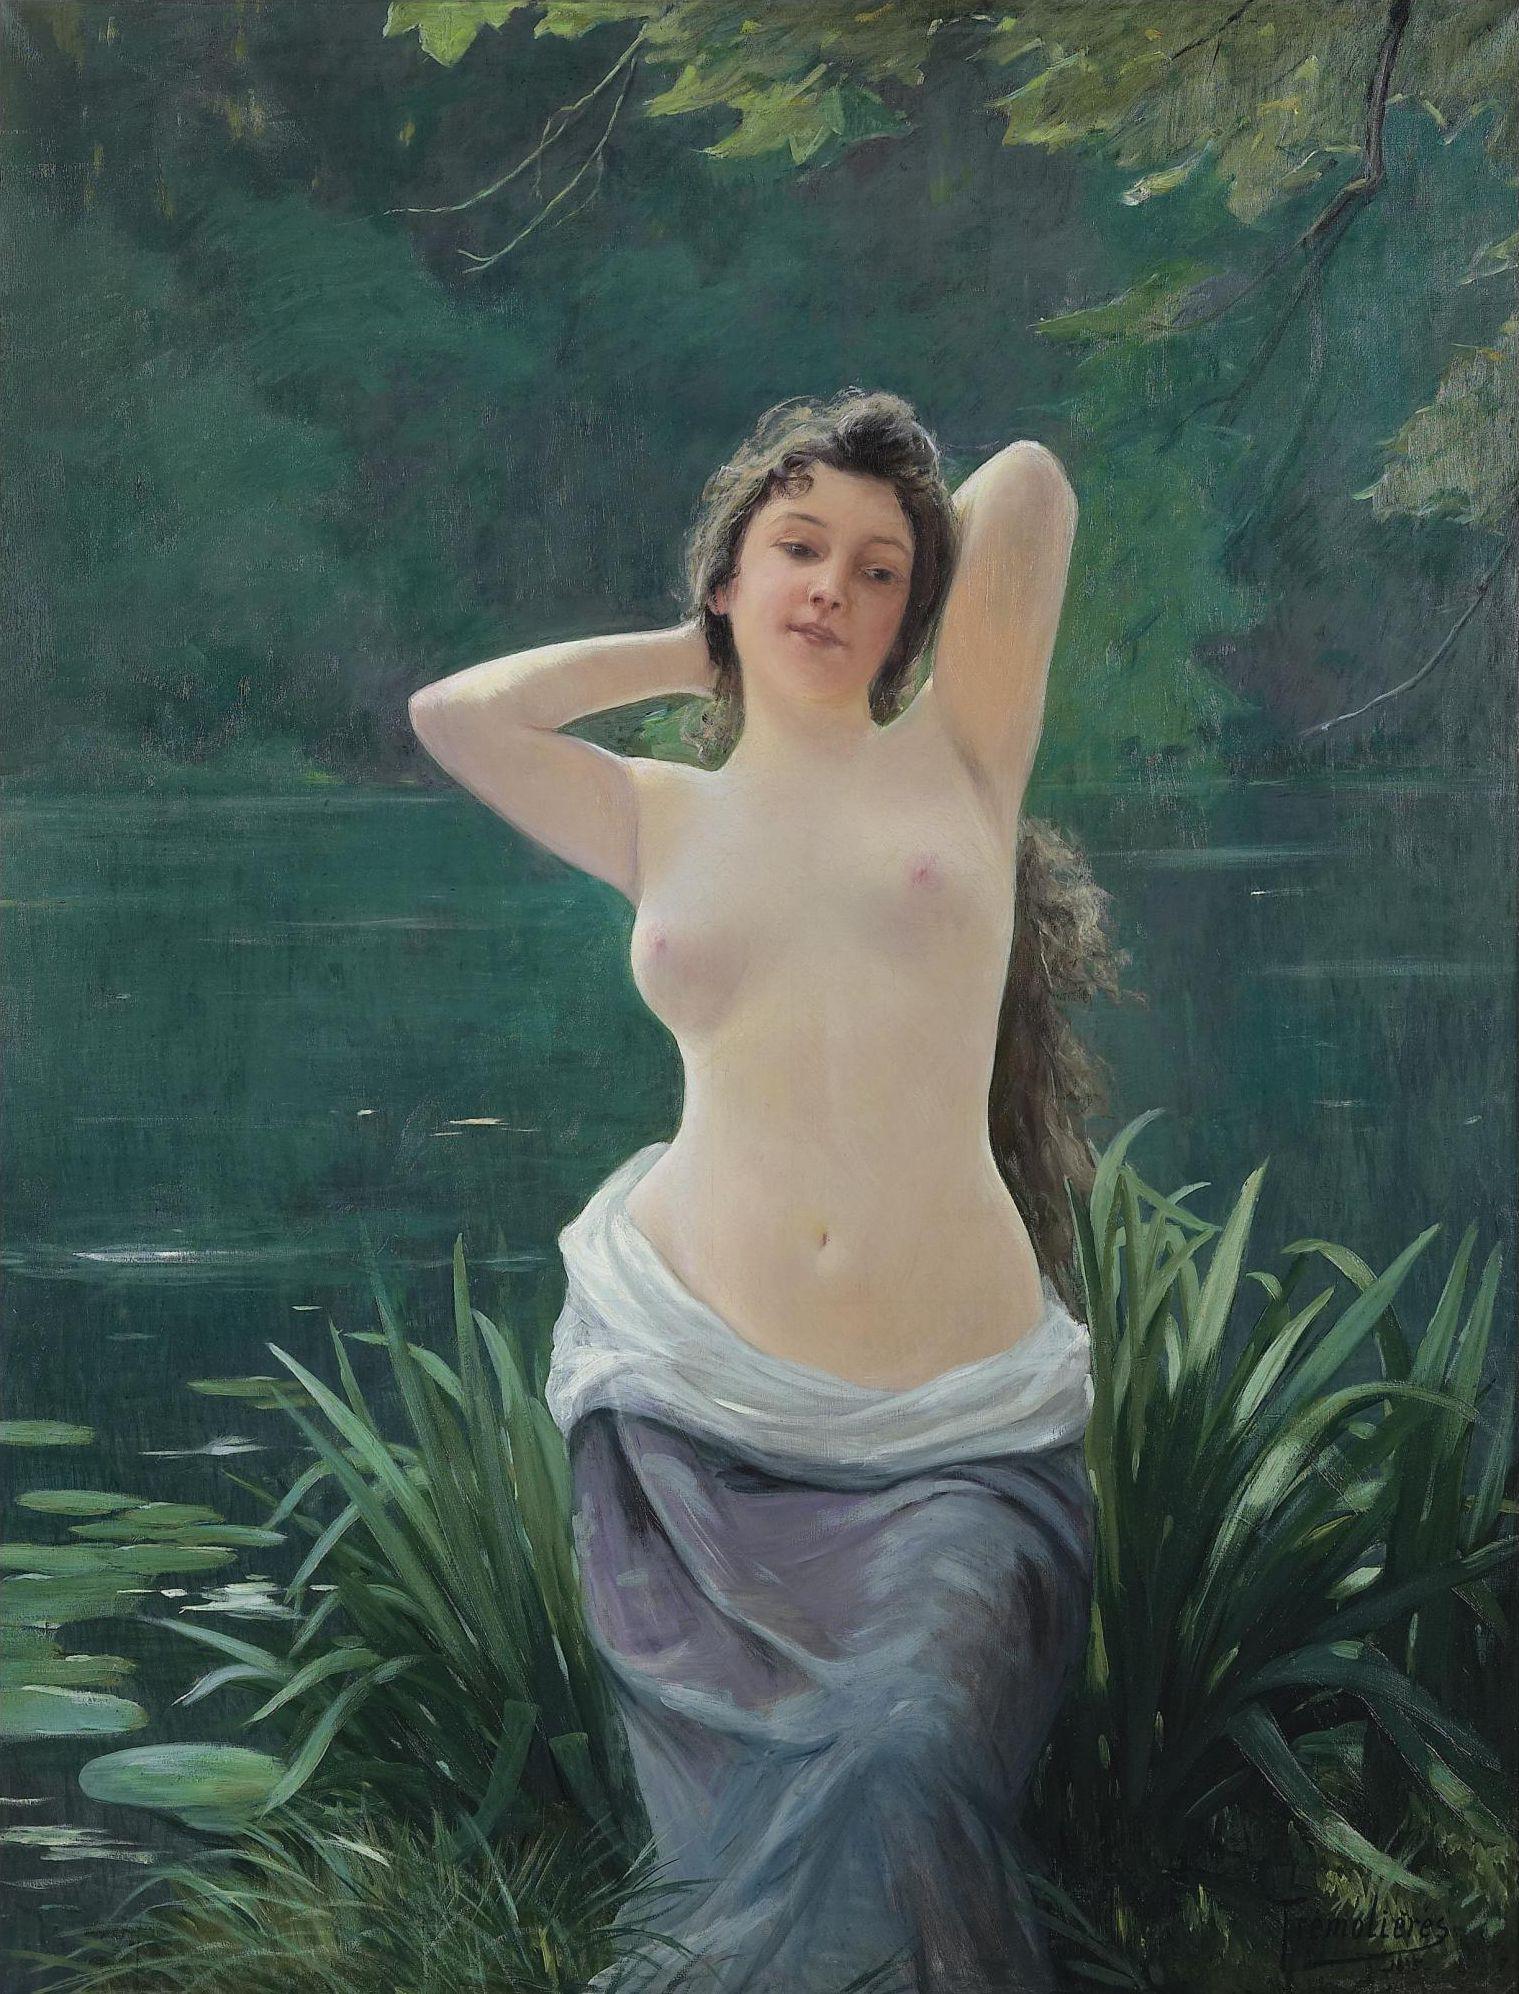 Raoul Tremolieres, 1860-1920. Купальщица. 1895. 146 х 113.5 см.